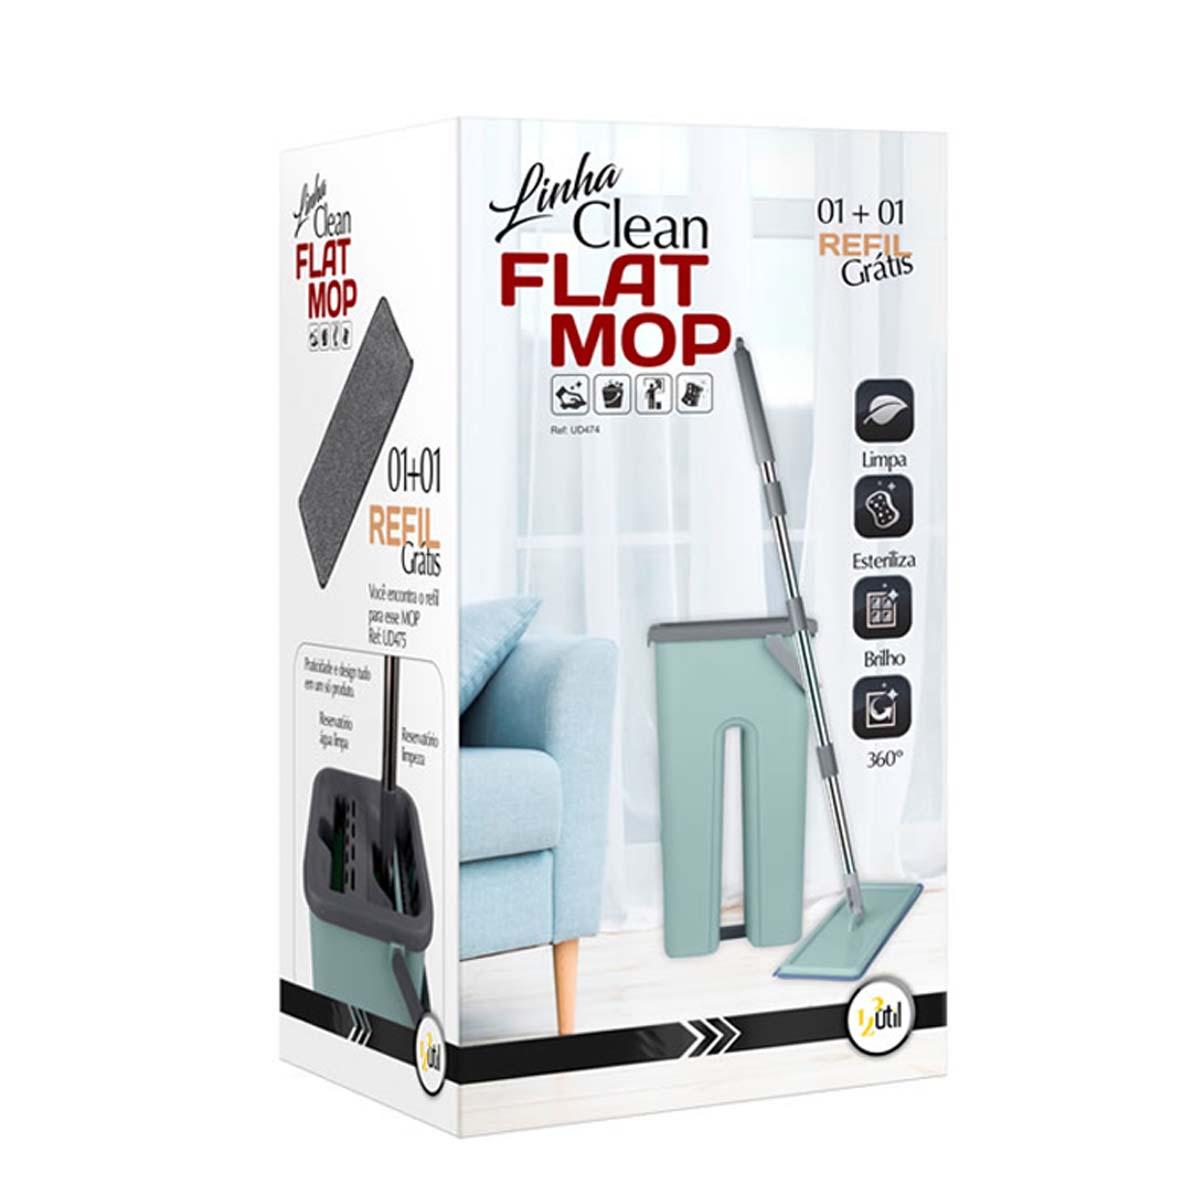 Rodo de Limpeza Flat Mop 123 Útil Com 1 Refil Grátis  - UD474